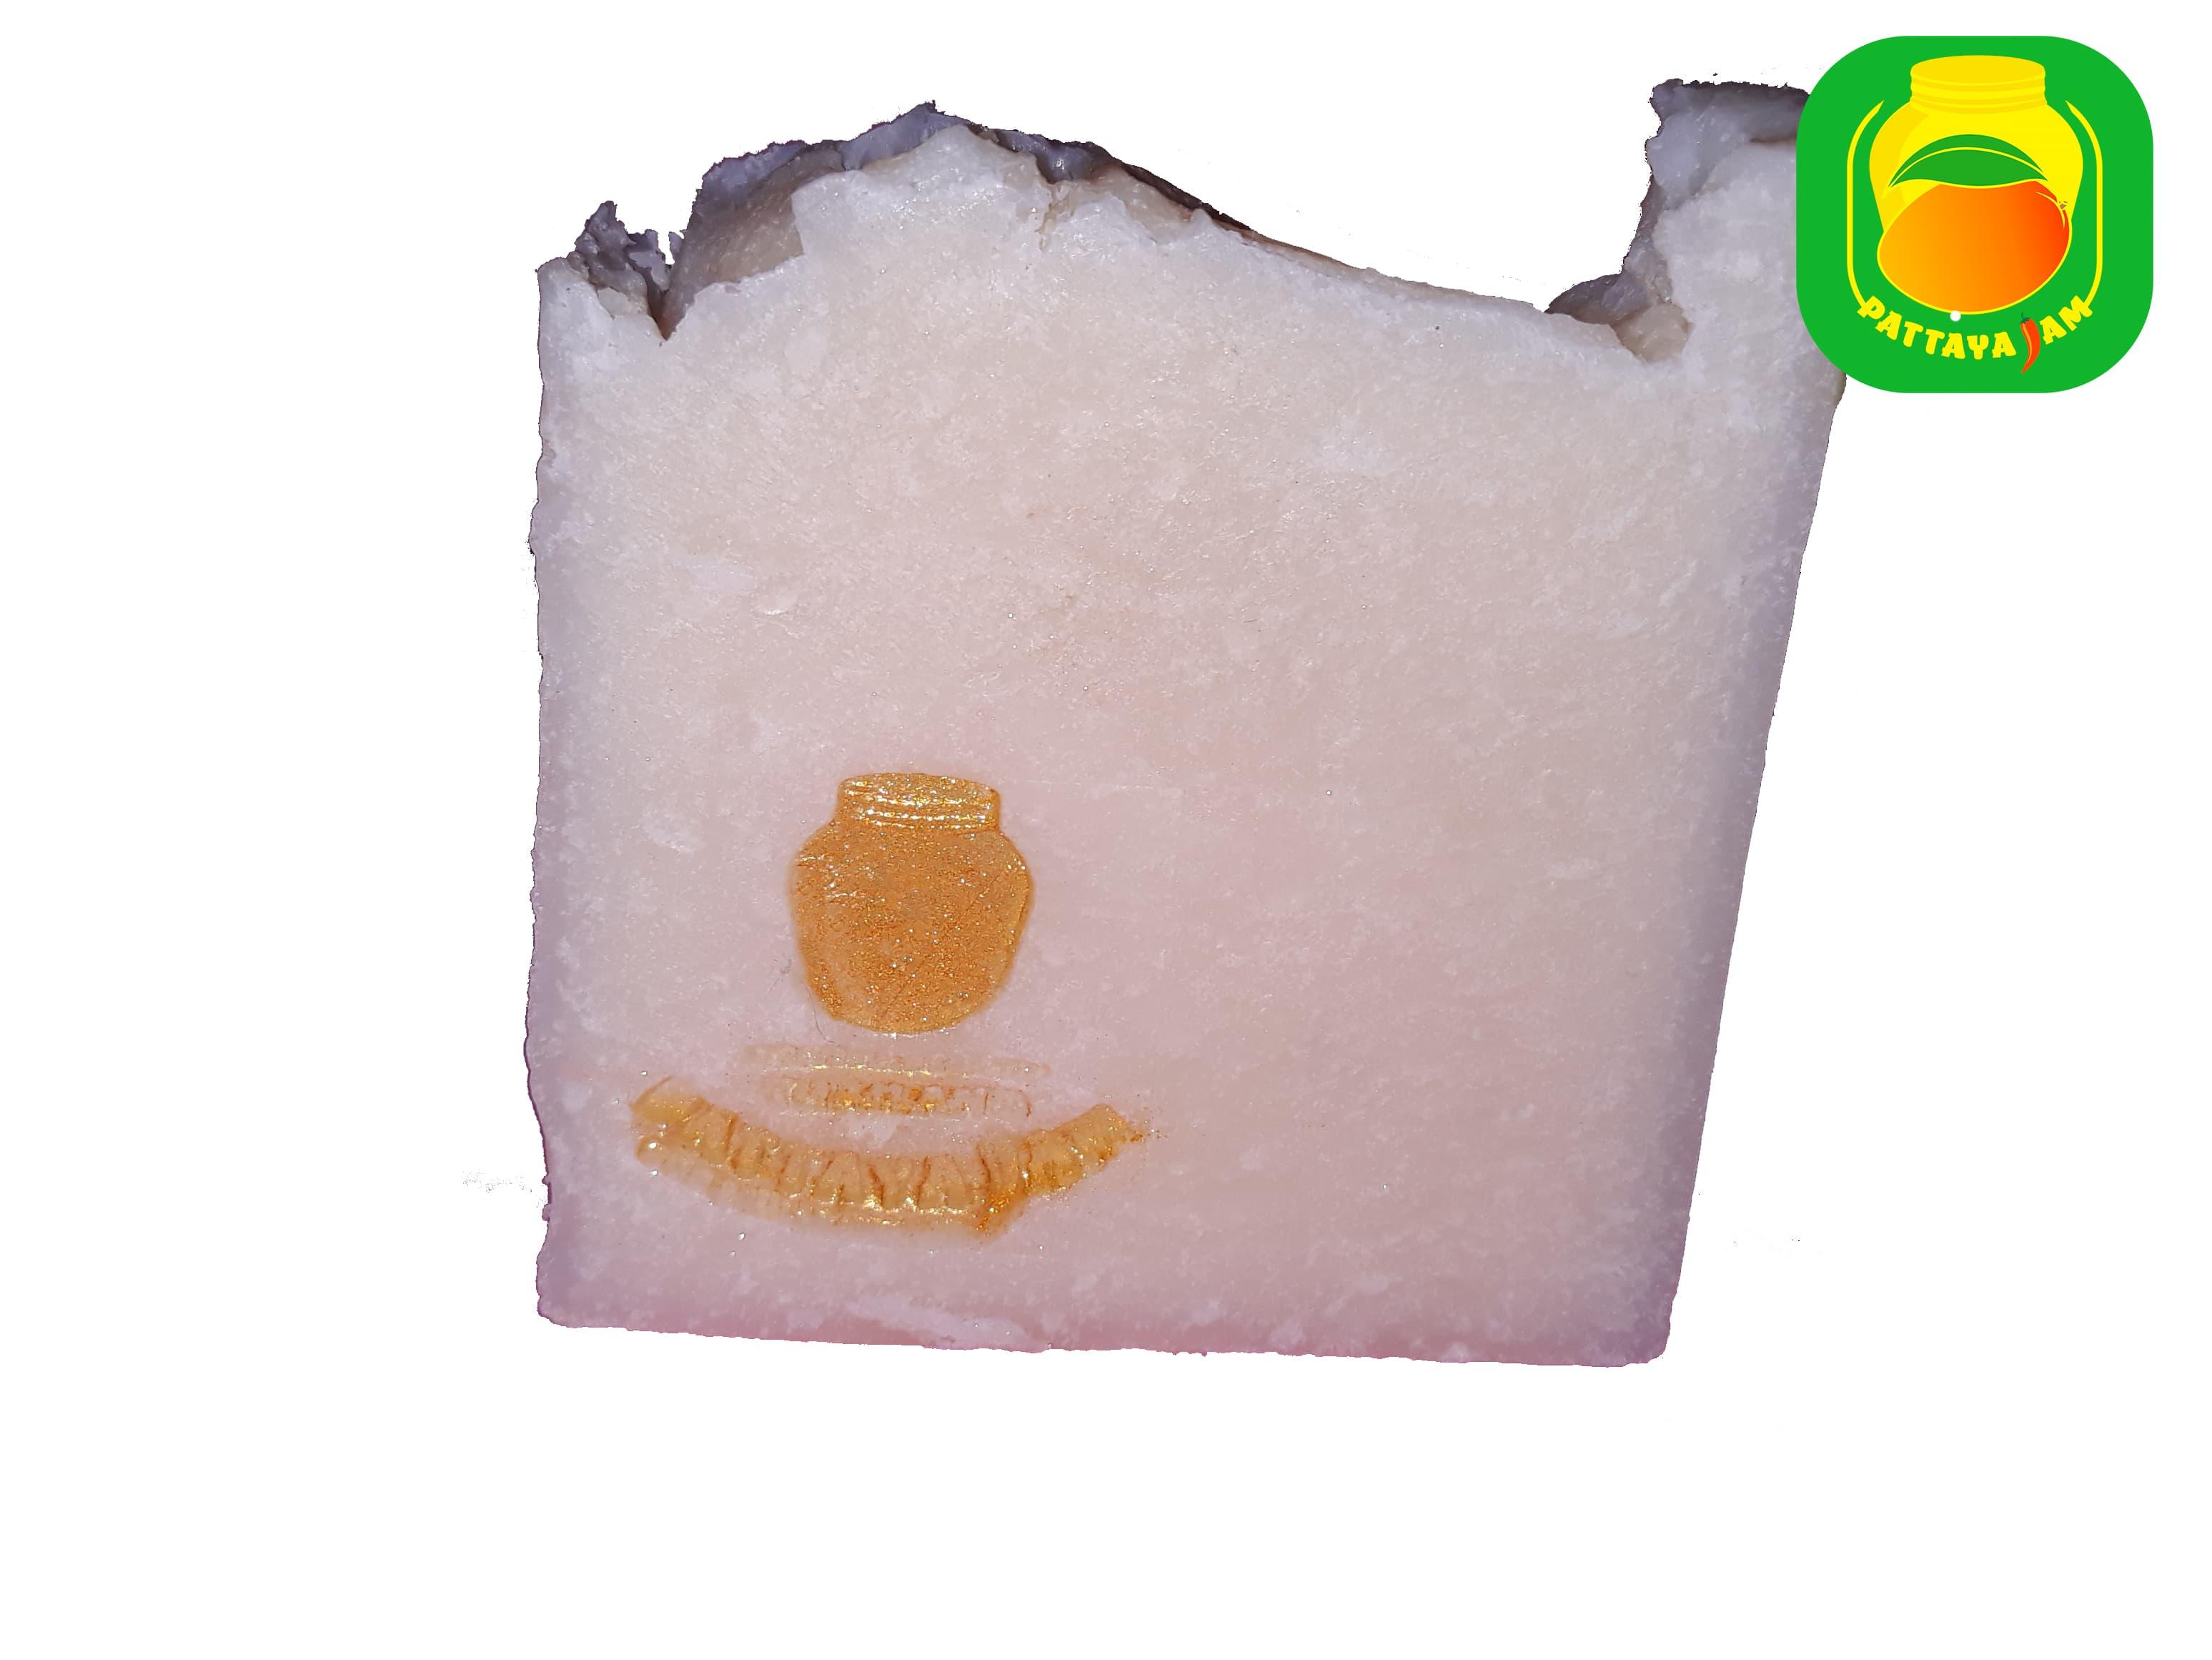 Мыло ручной работы хозяйственное, кокосовое, твердое натуральное.